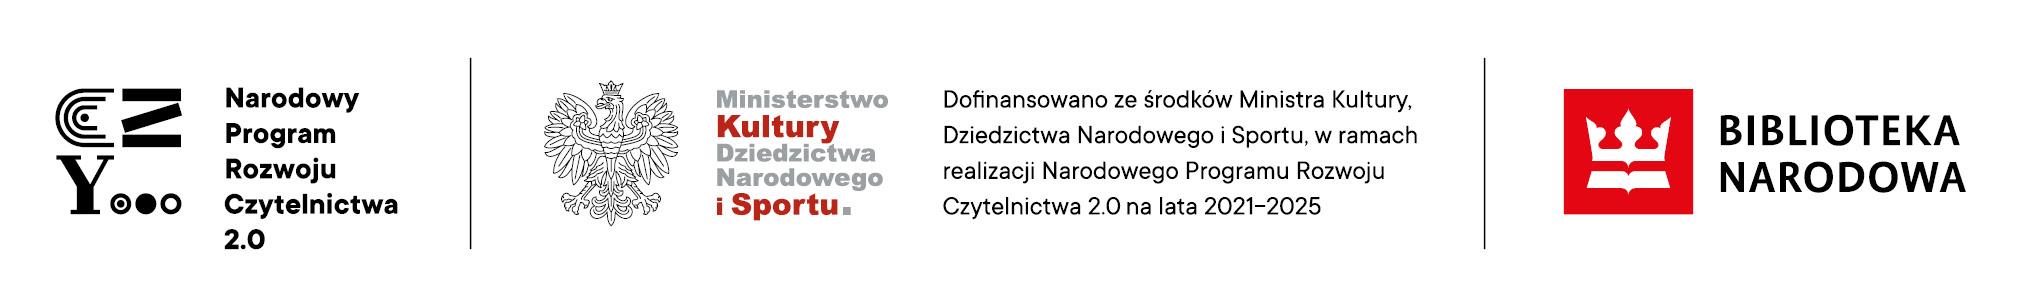 logotypy NPRCz, BN, MK,DNiS